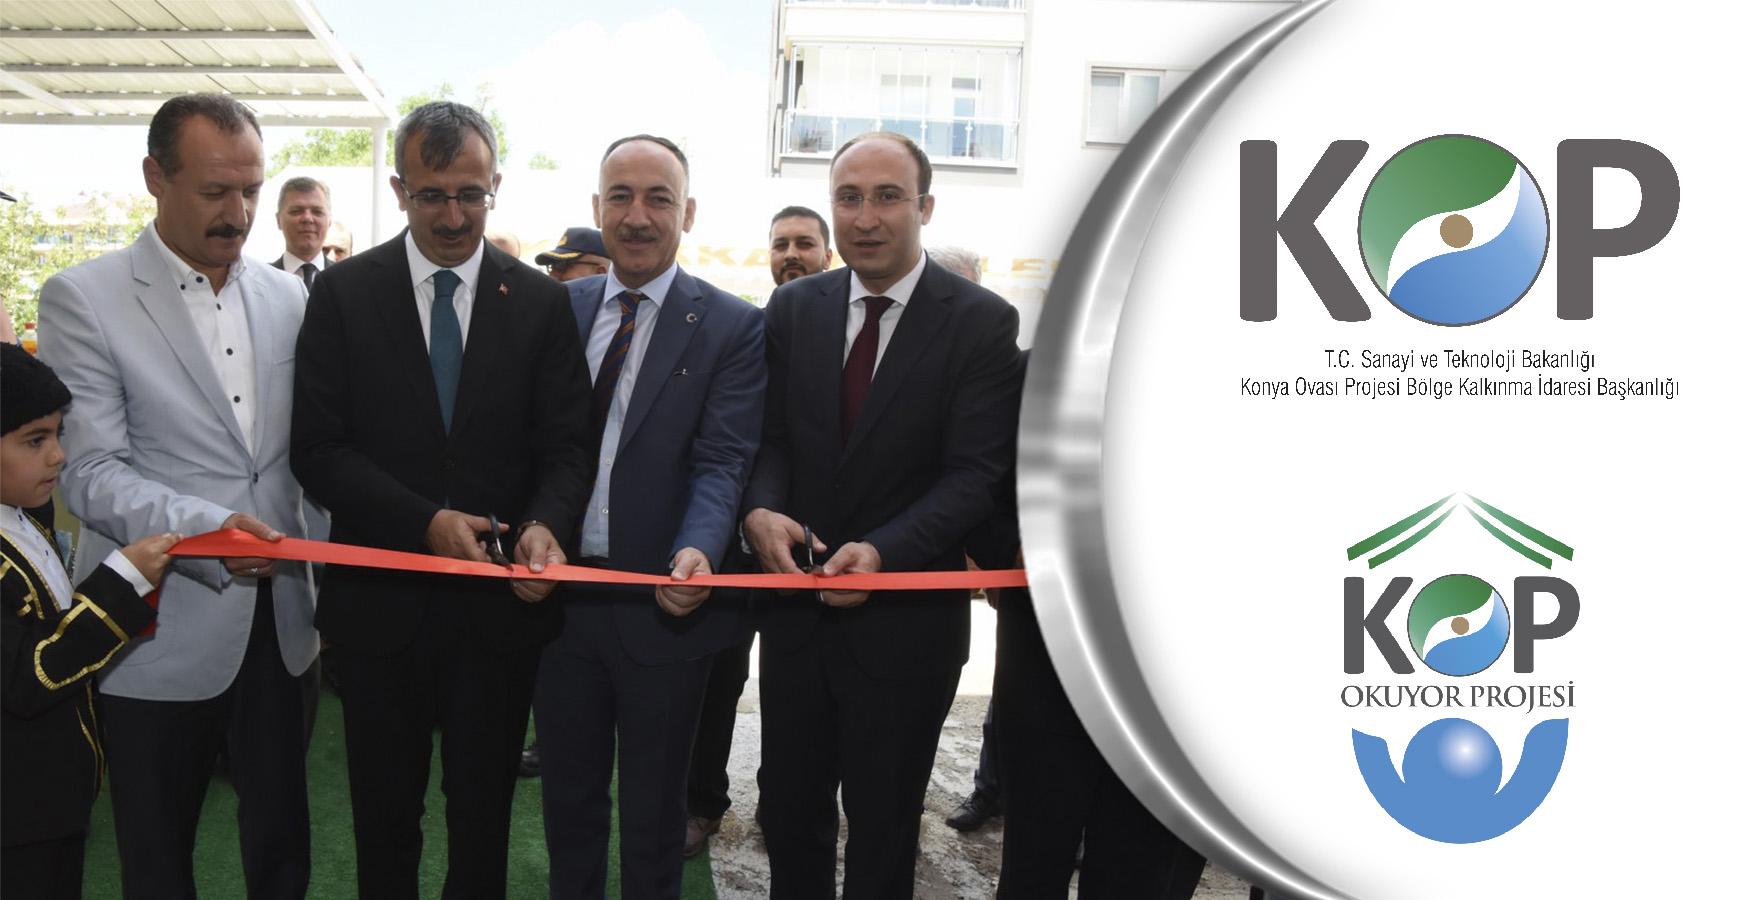 KOP - Emniyet Müdürlüğü İşbirliğiyle Bilgilendirme Kütüphanesi Açıldı